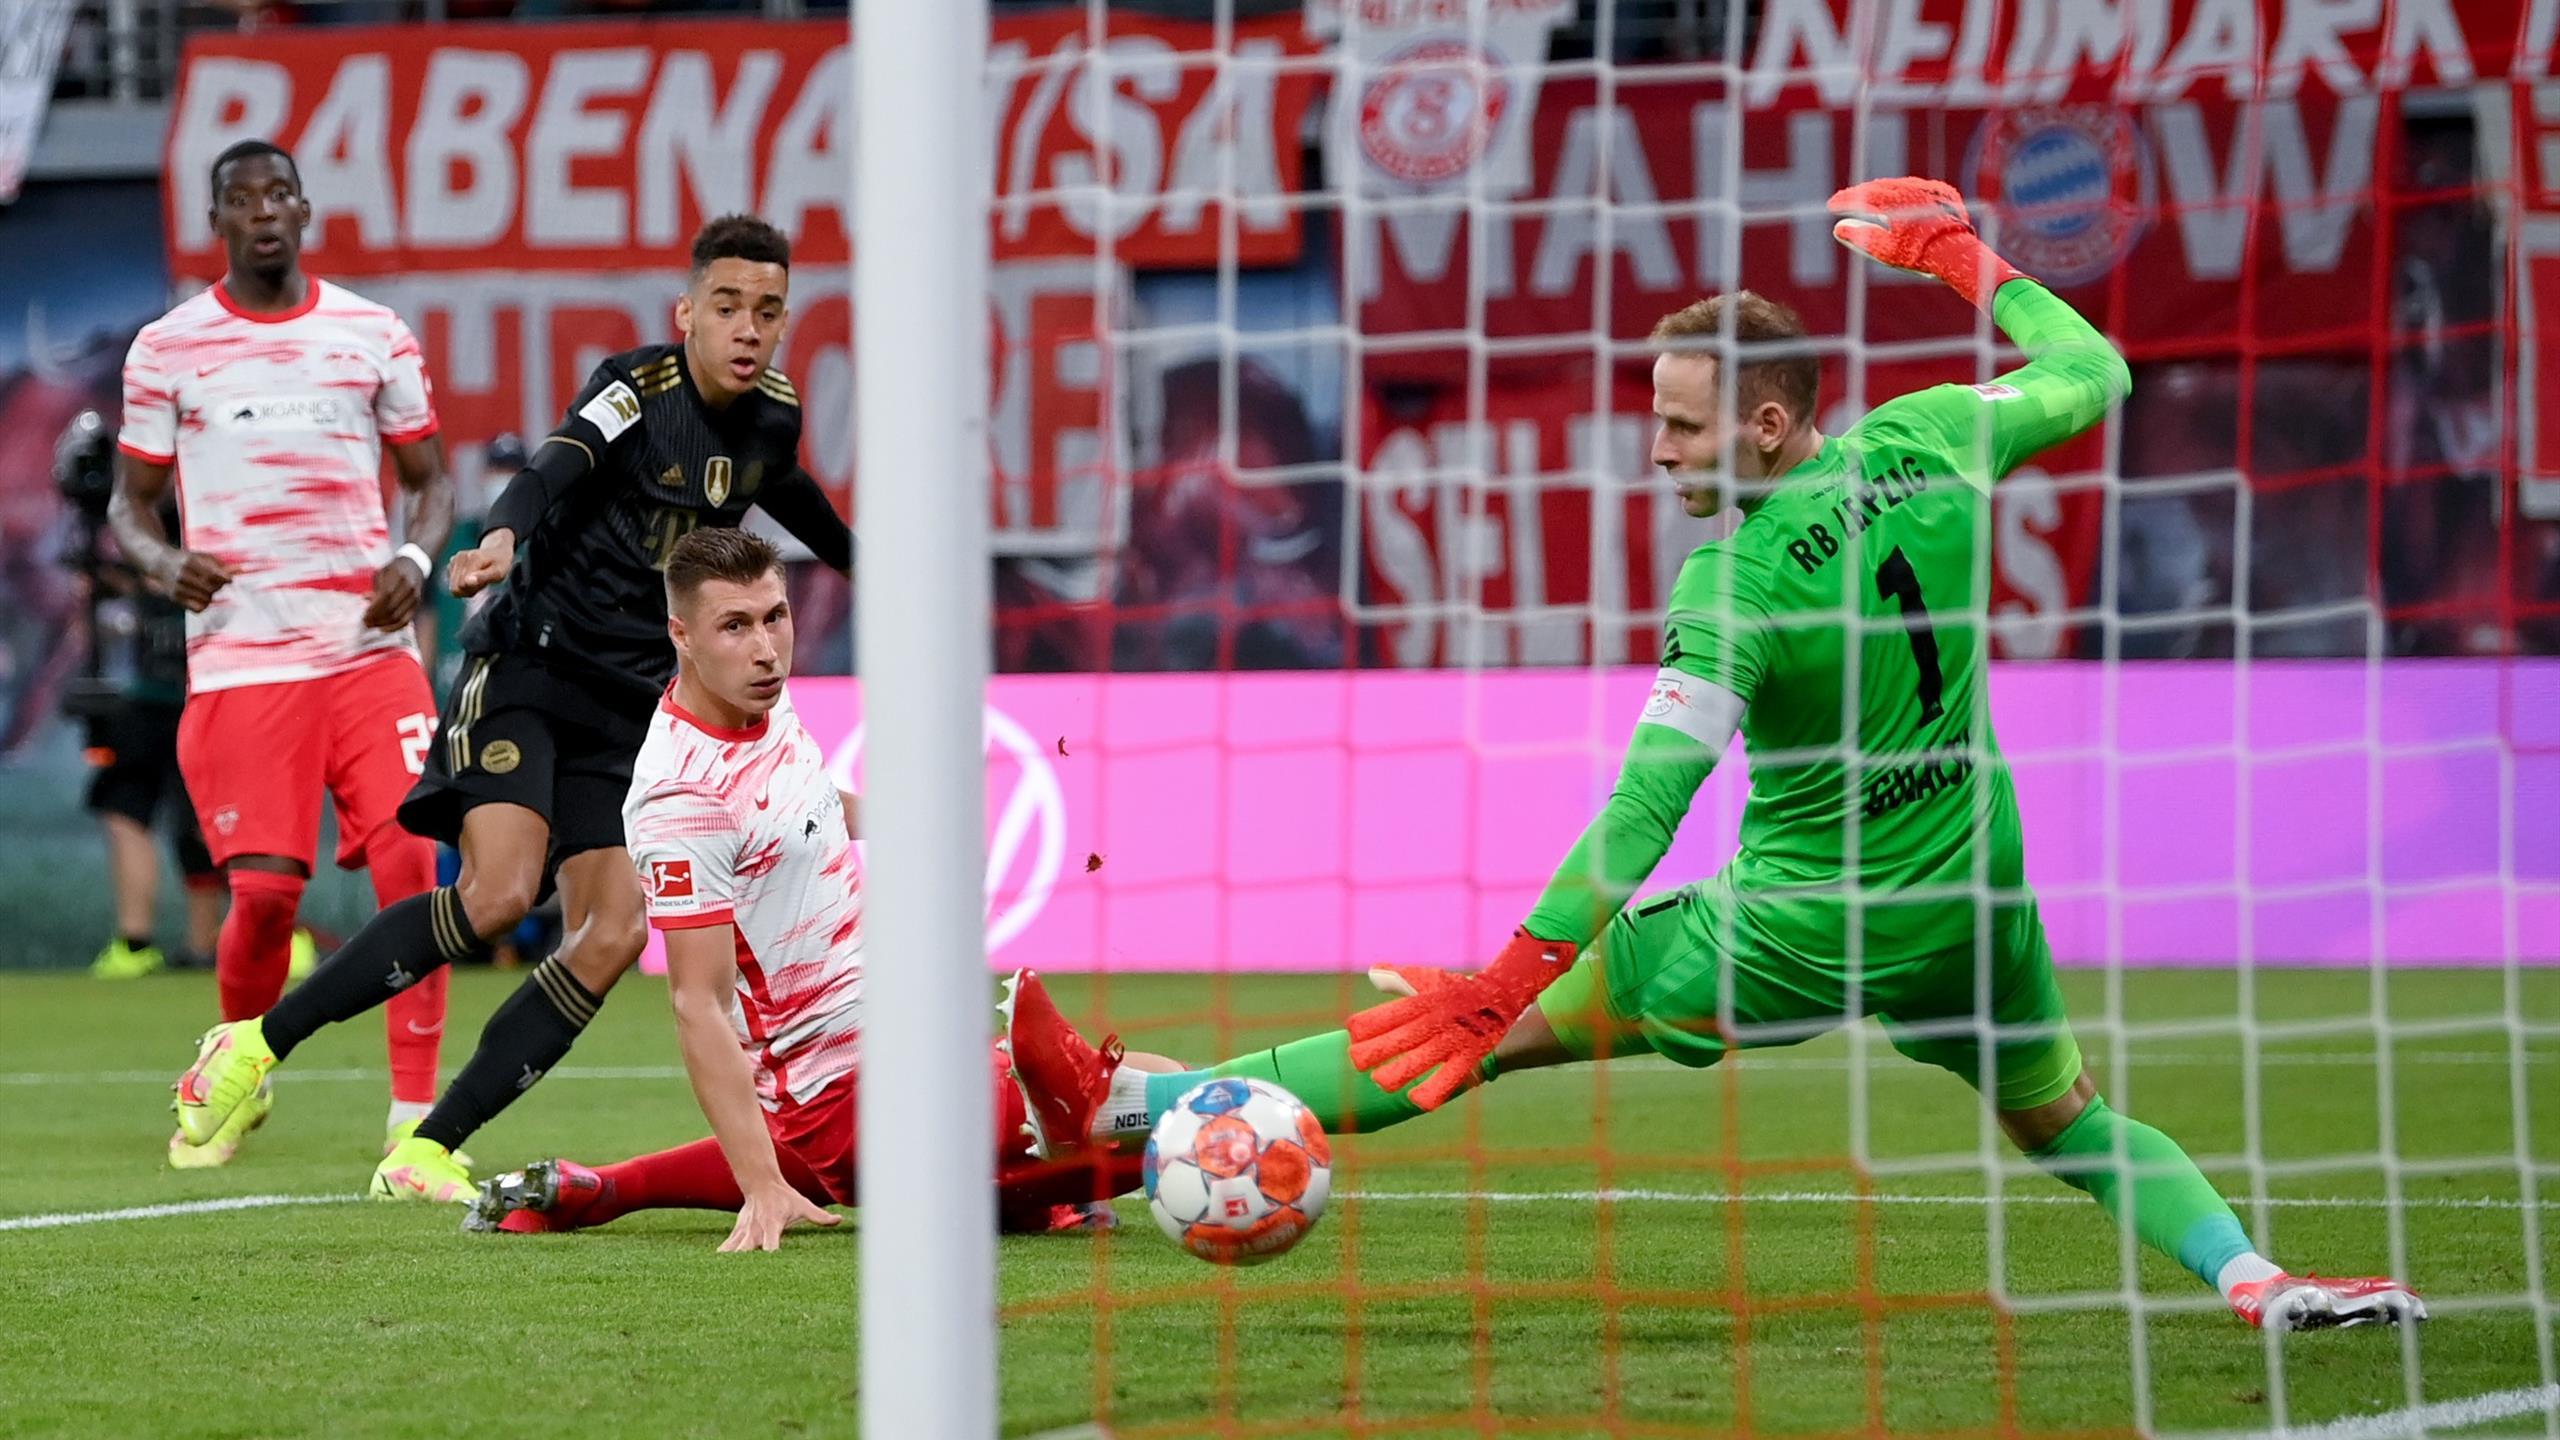 Hiệp 2 Bayern Munich ghi thêm 3 bàn ấn định chiến thắng 4-1